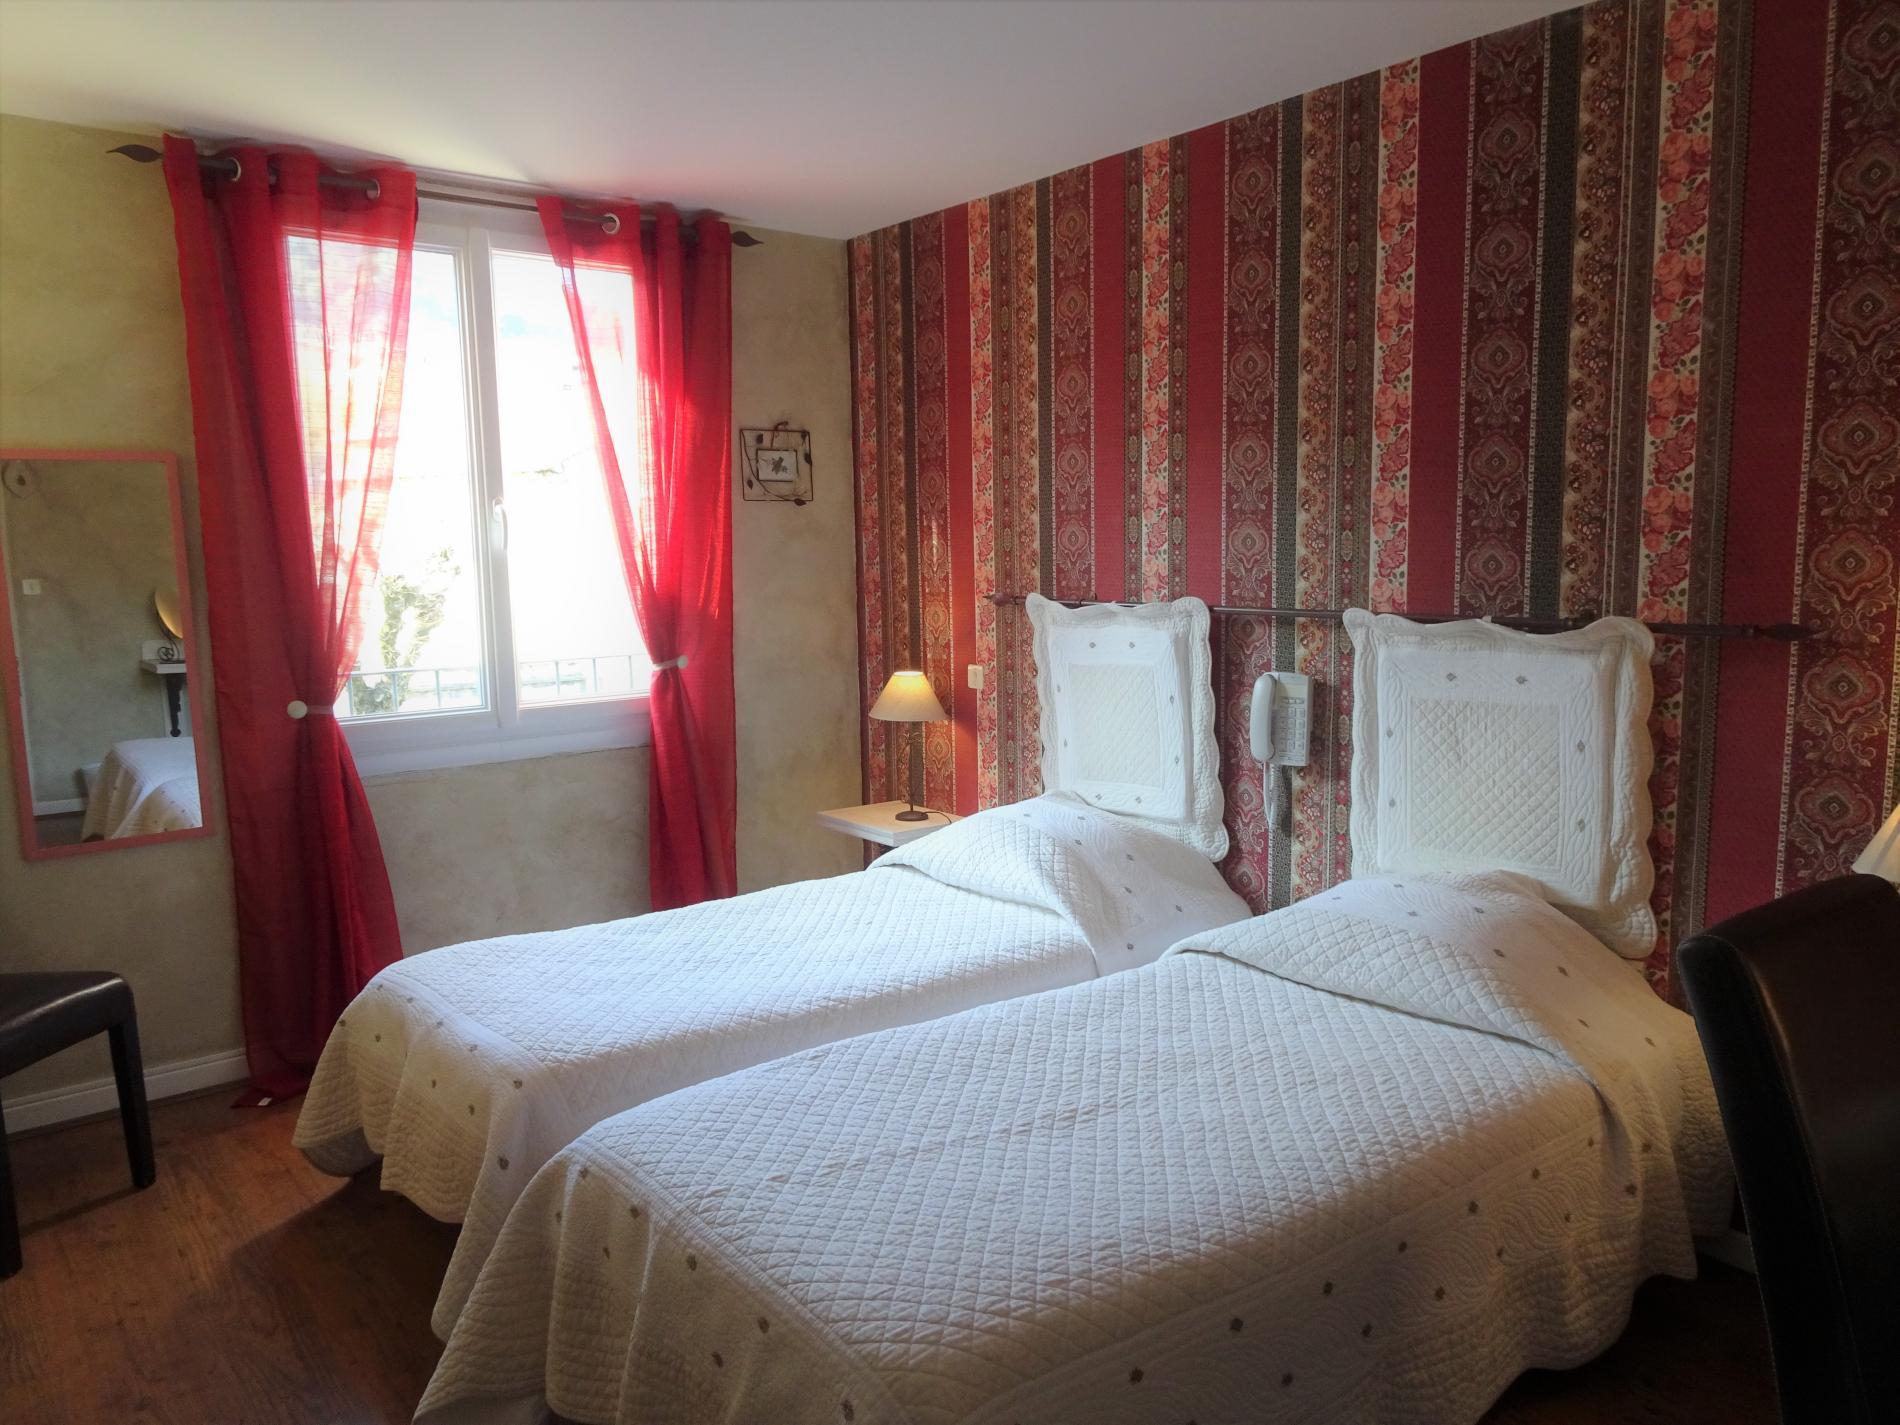 Chambre d'hôtel avec lits jumeaux et vue village